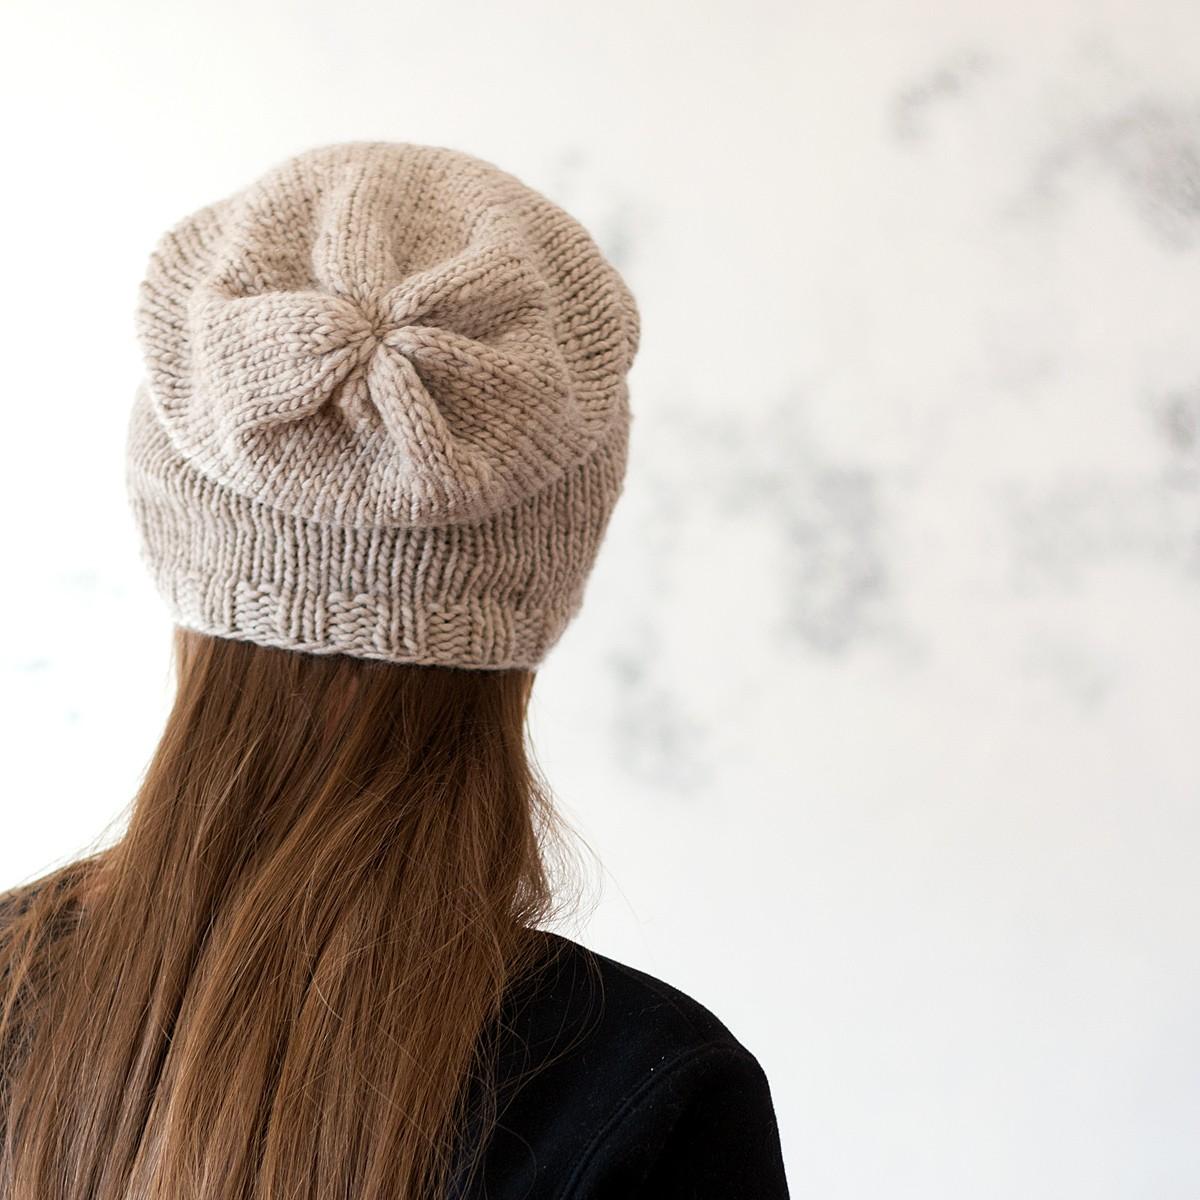 Knitting Pattern Womens Hat : INPSIRATIONAL : Women s Slouchy Hat Knitting Pattern ...